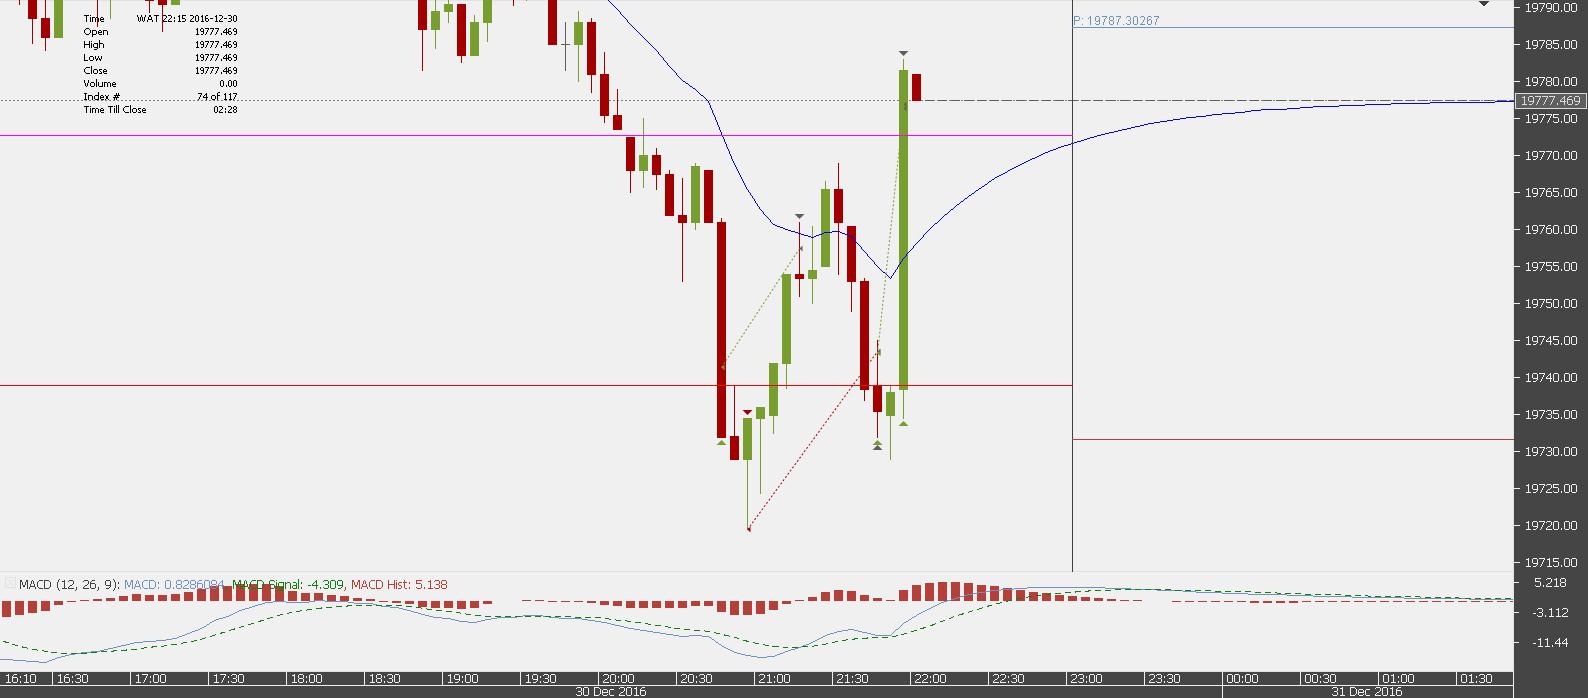 Chart_USA30.IDX_USD_5 Mins_snapshot.